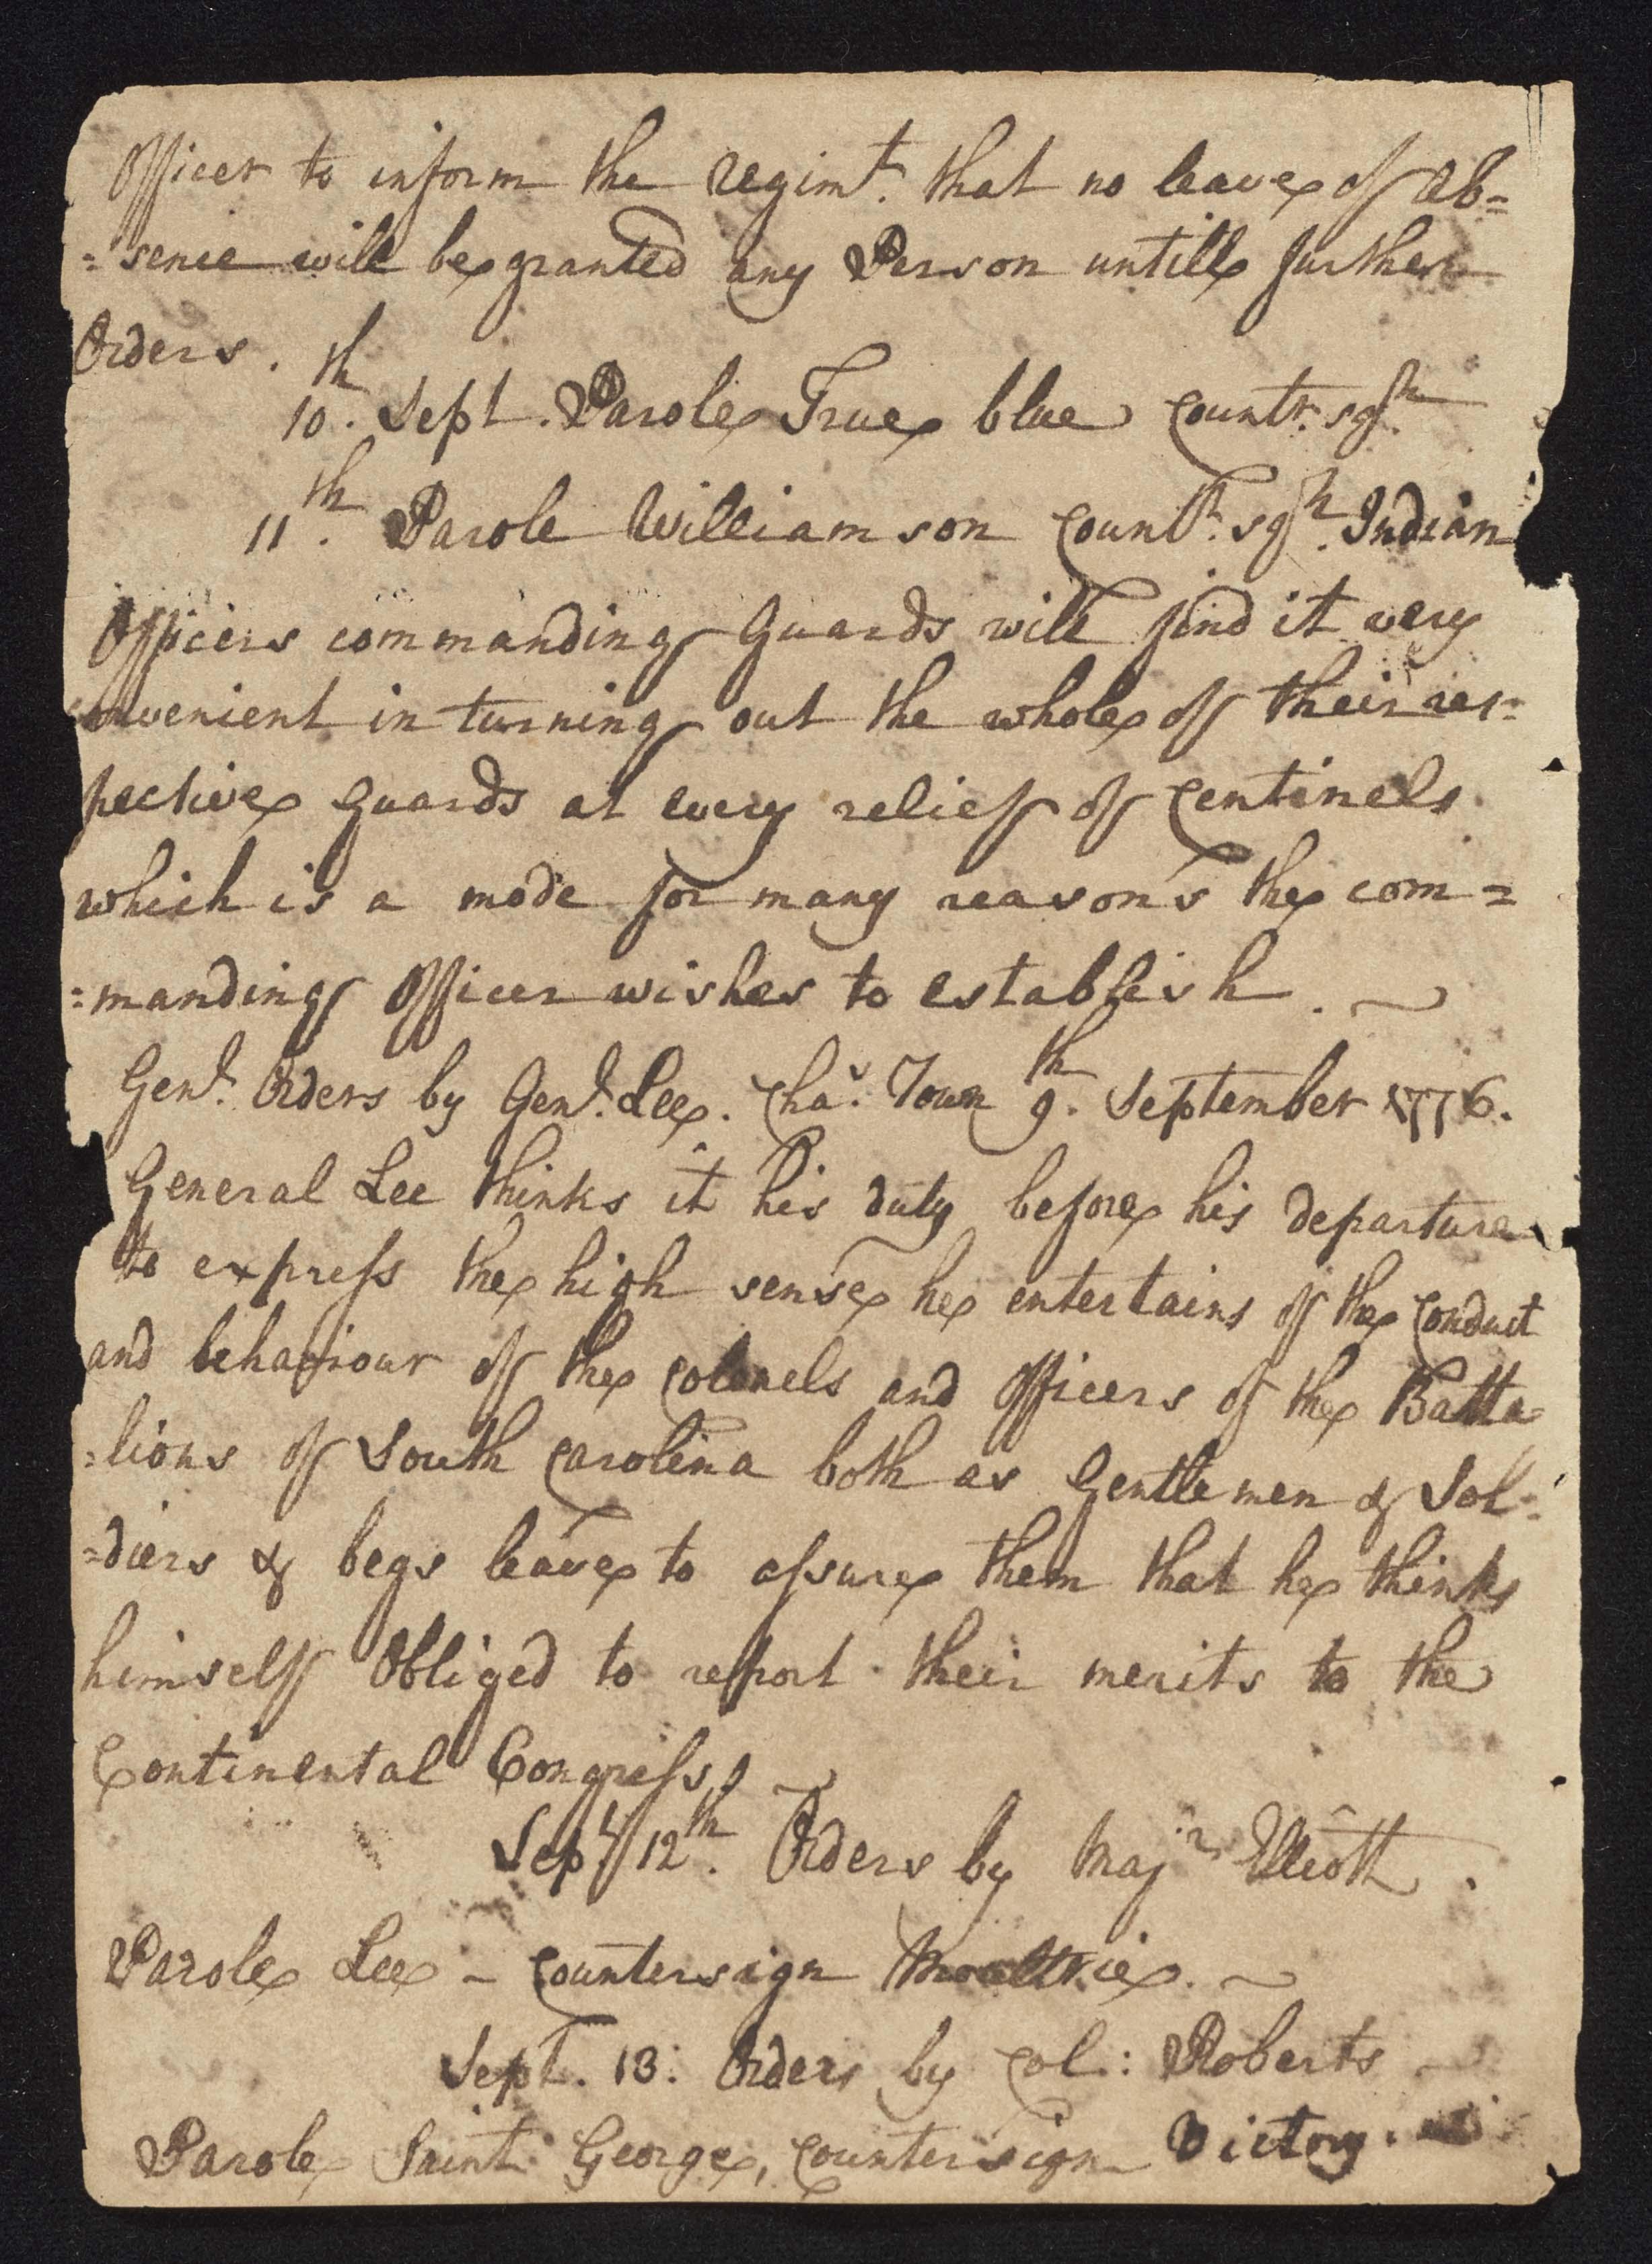 South Carolina Regiment Order Book, Page 176